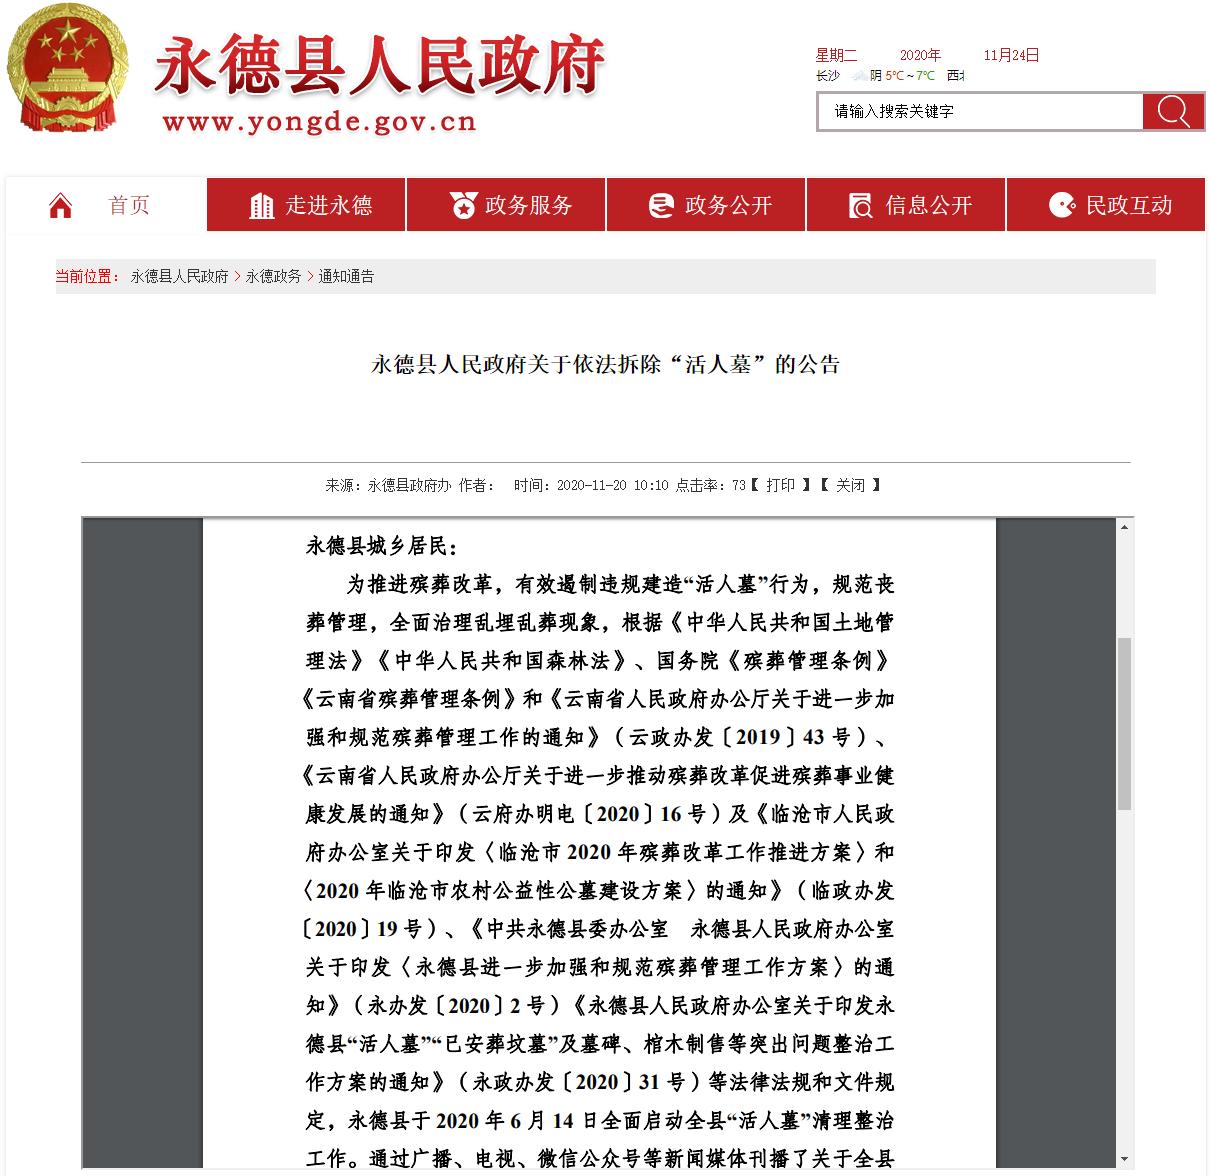 """云南永德县公告:12月1日起将依法强制拆除""""活人墓""""图片"""